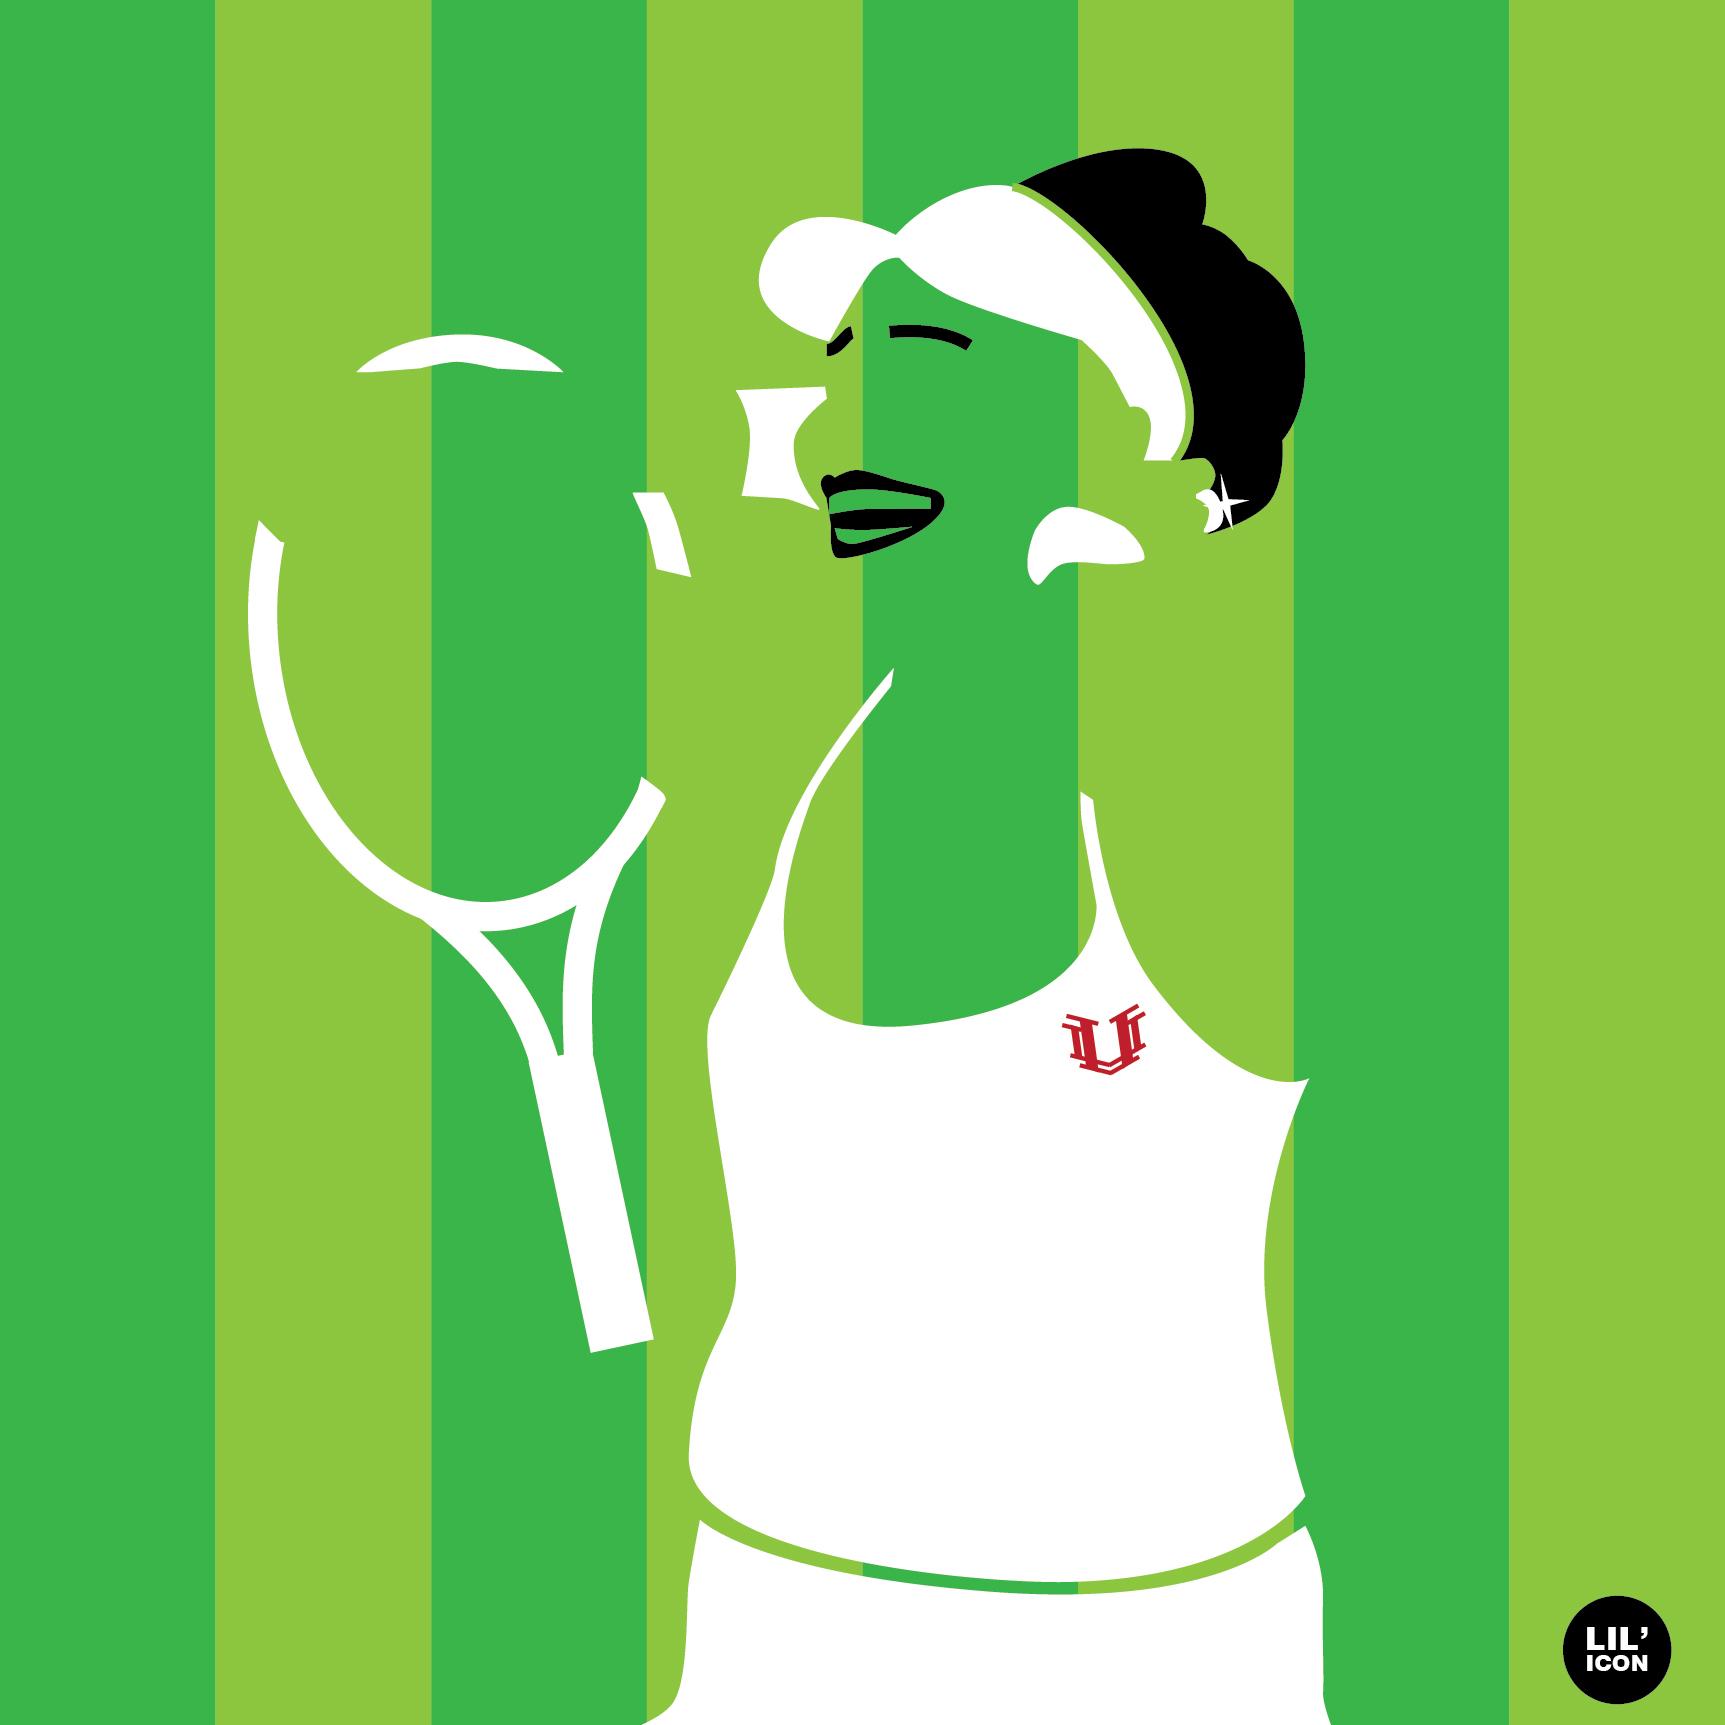 170704_Tennis Icons-03.jpg